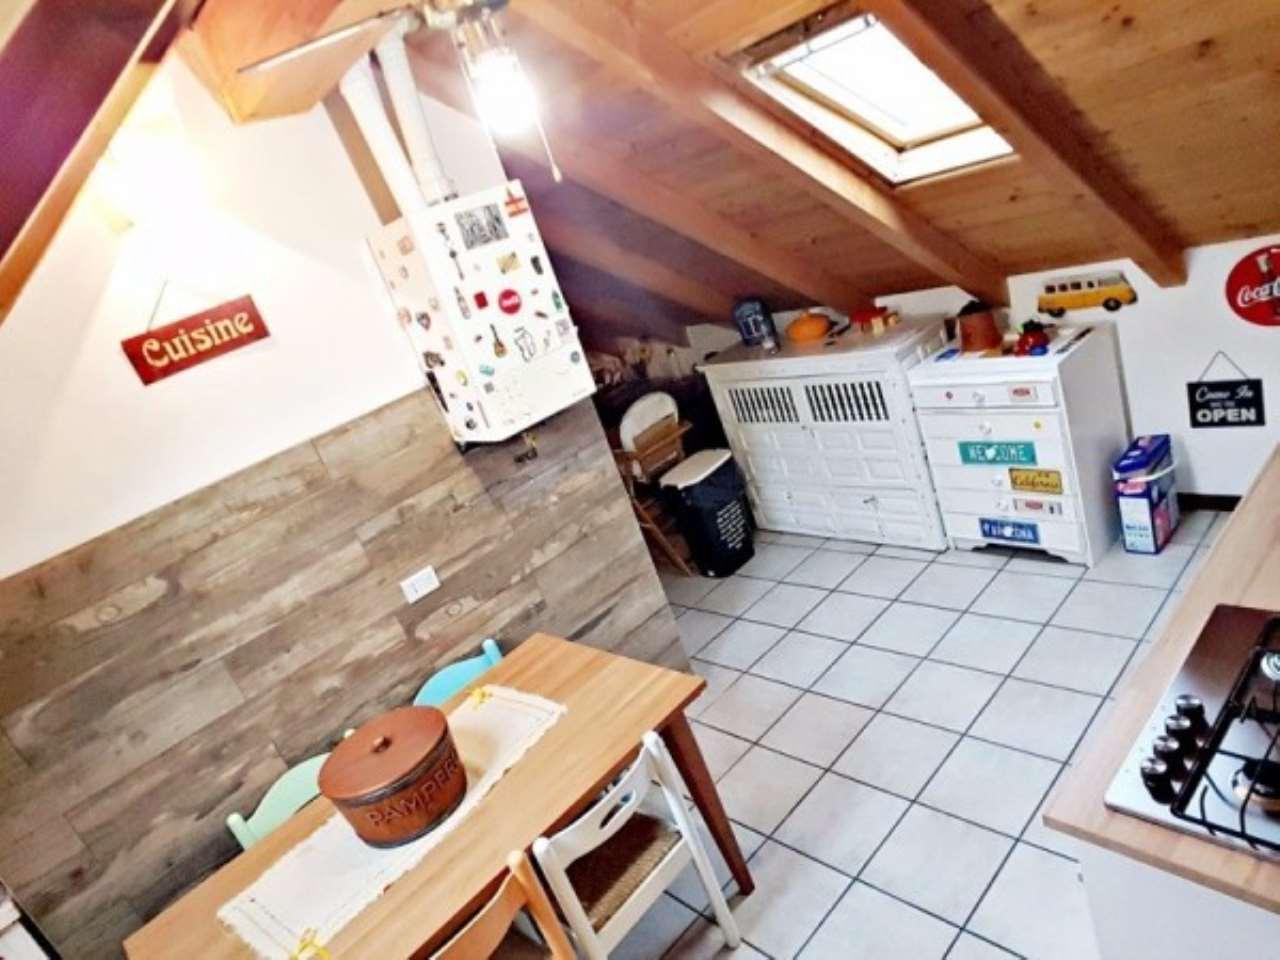 Attico / Mansarda in vendita a Giussago, 2 locali, prezzo € 84.000 | Cambio Casa.it